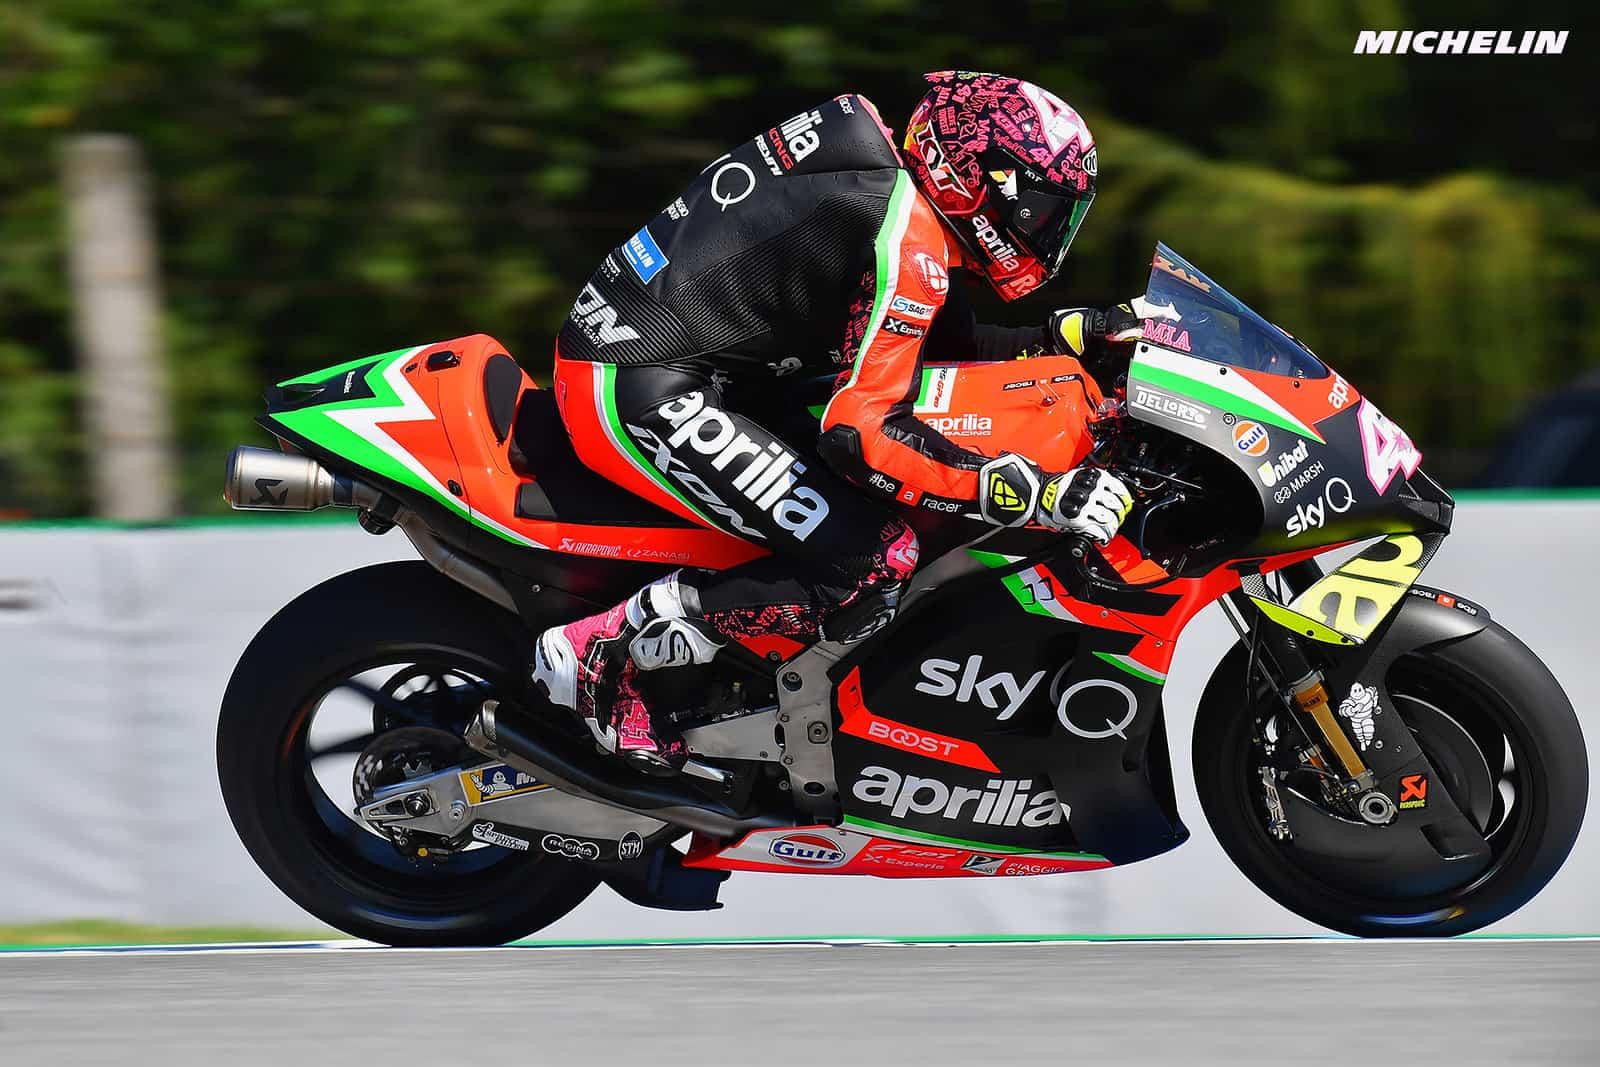 MotoGPポルティマオテスト 初日トップはアレイシ・エスパルガロ